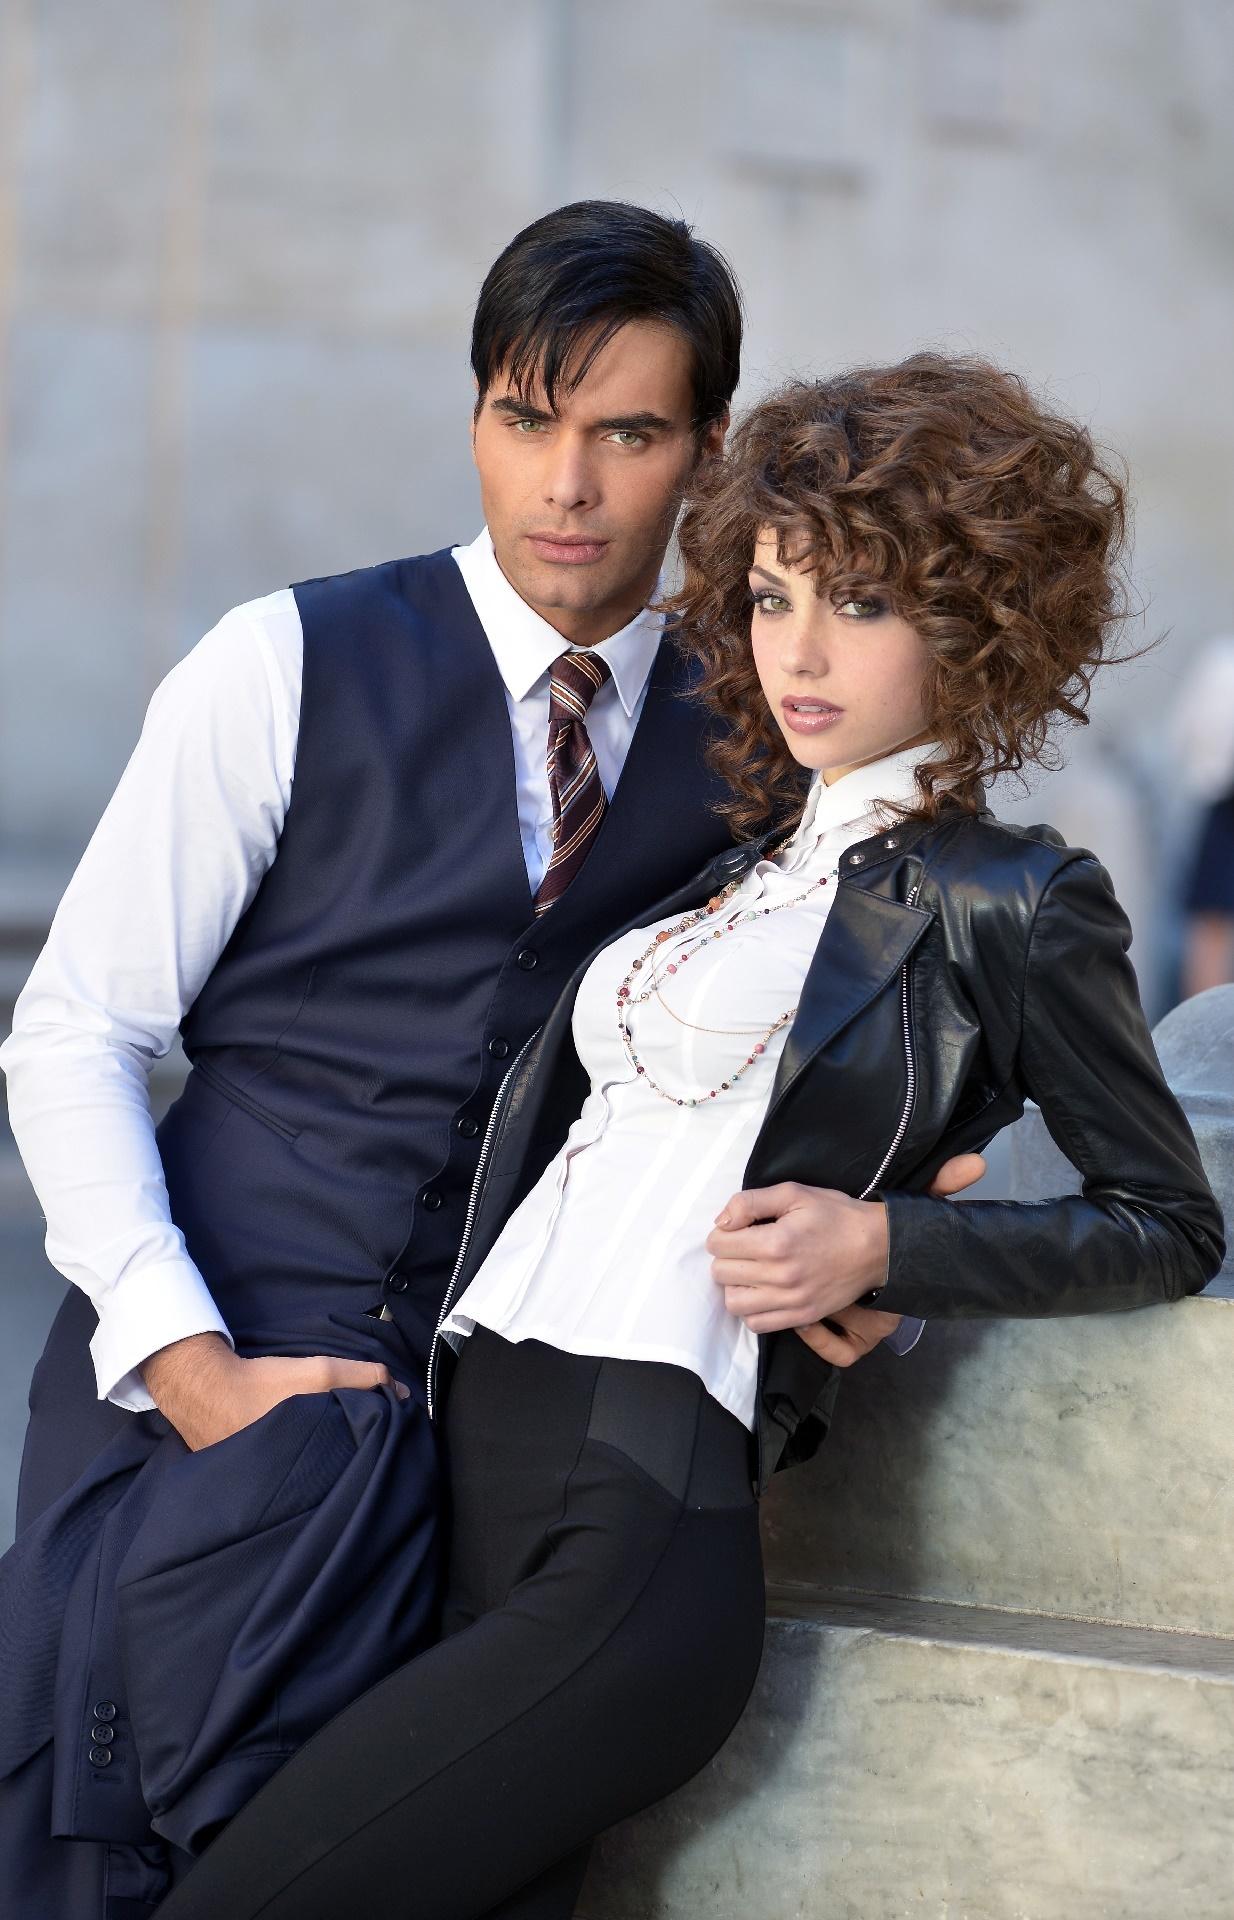 Il bello delle donne: Massimiliano Morra e Adua Del Vesco